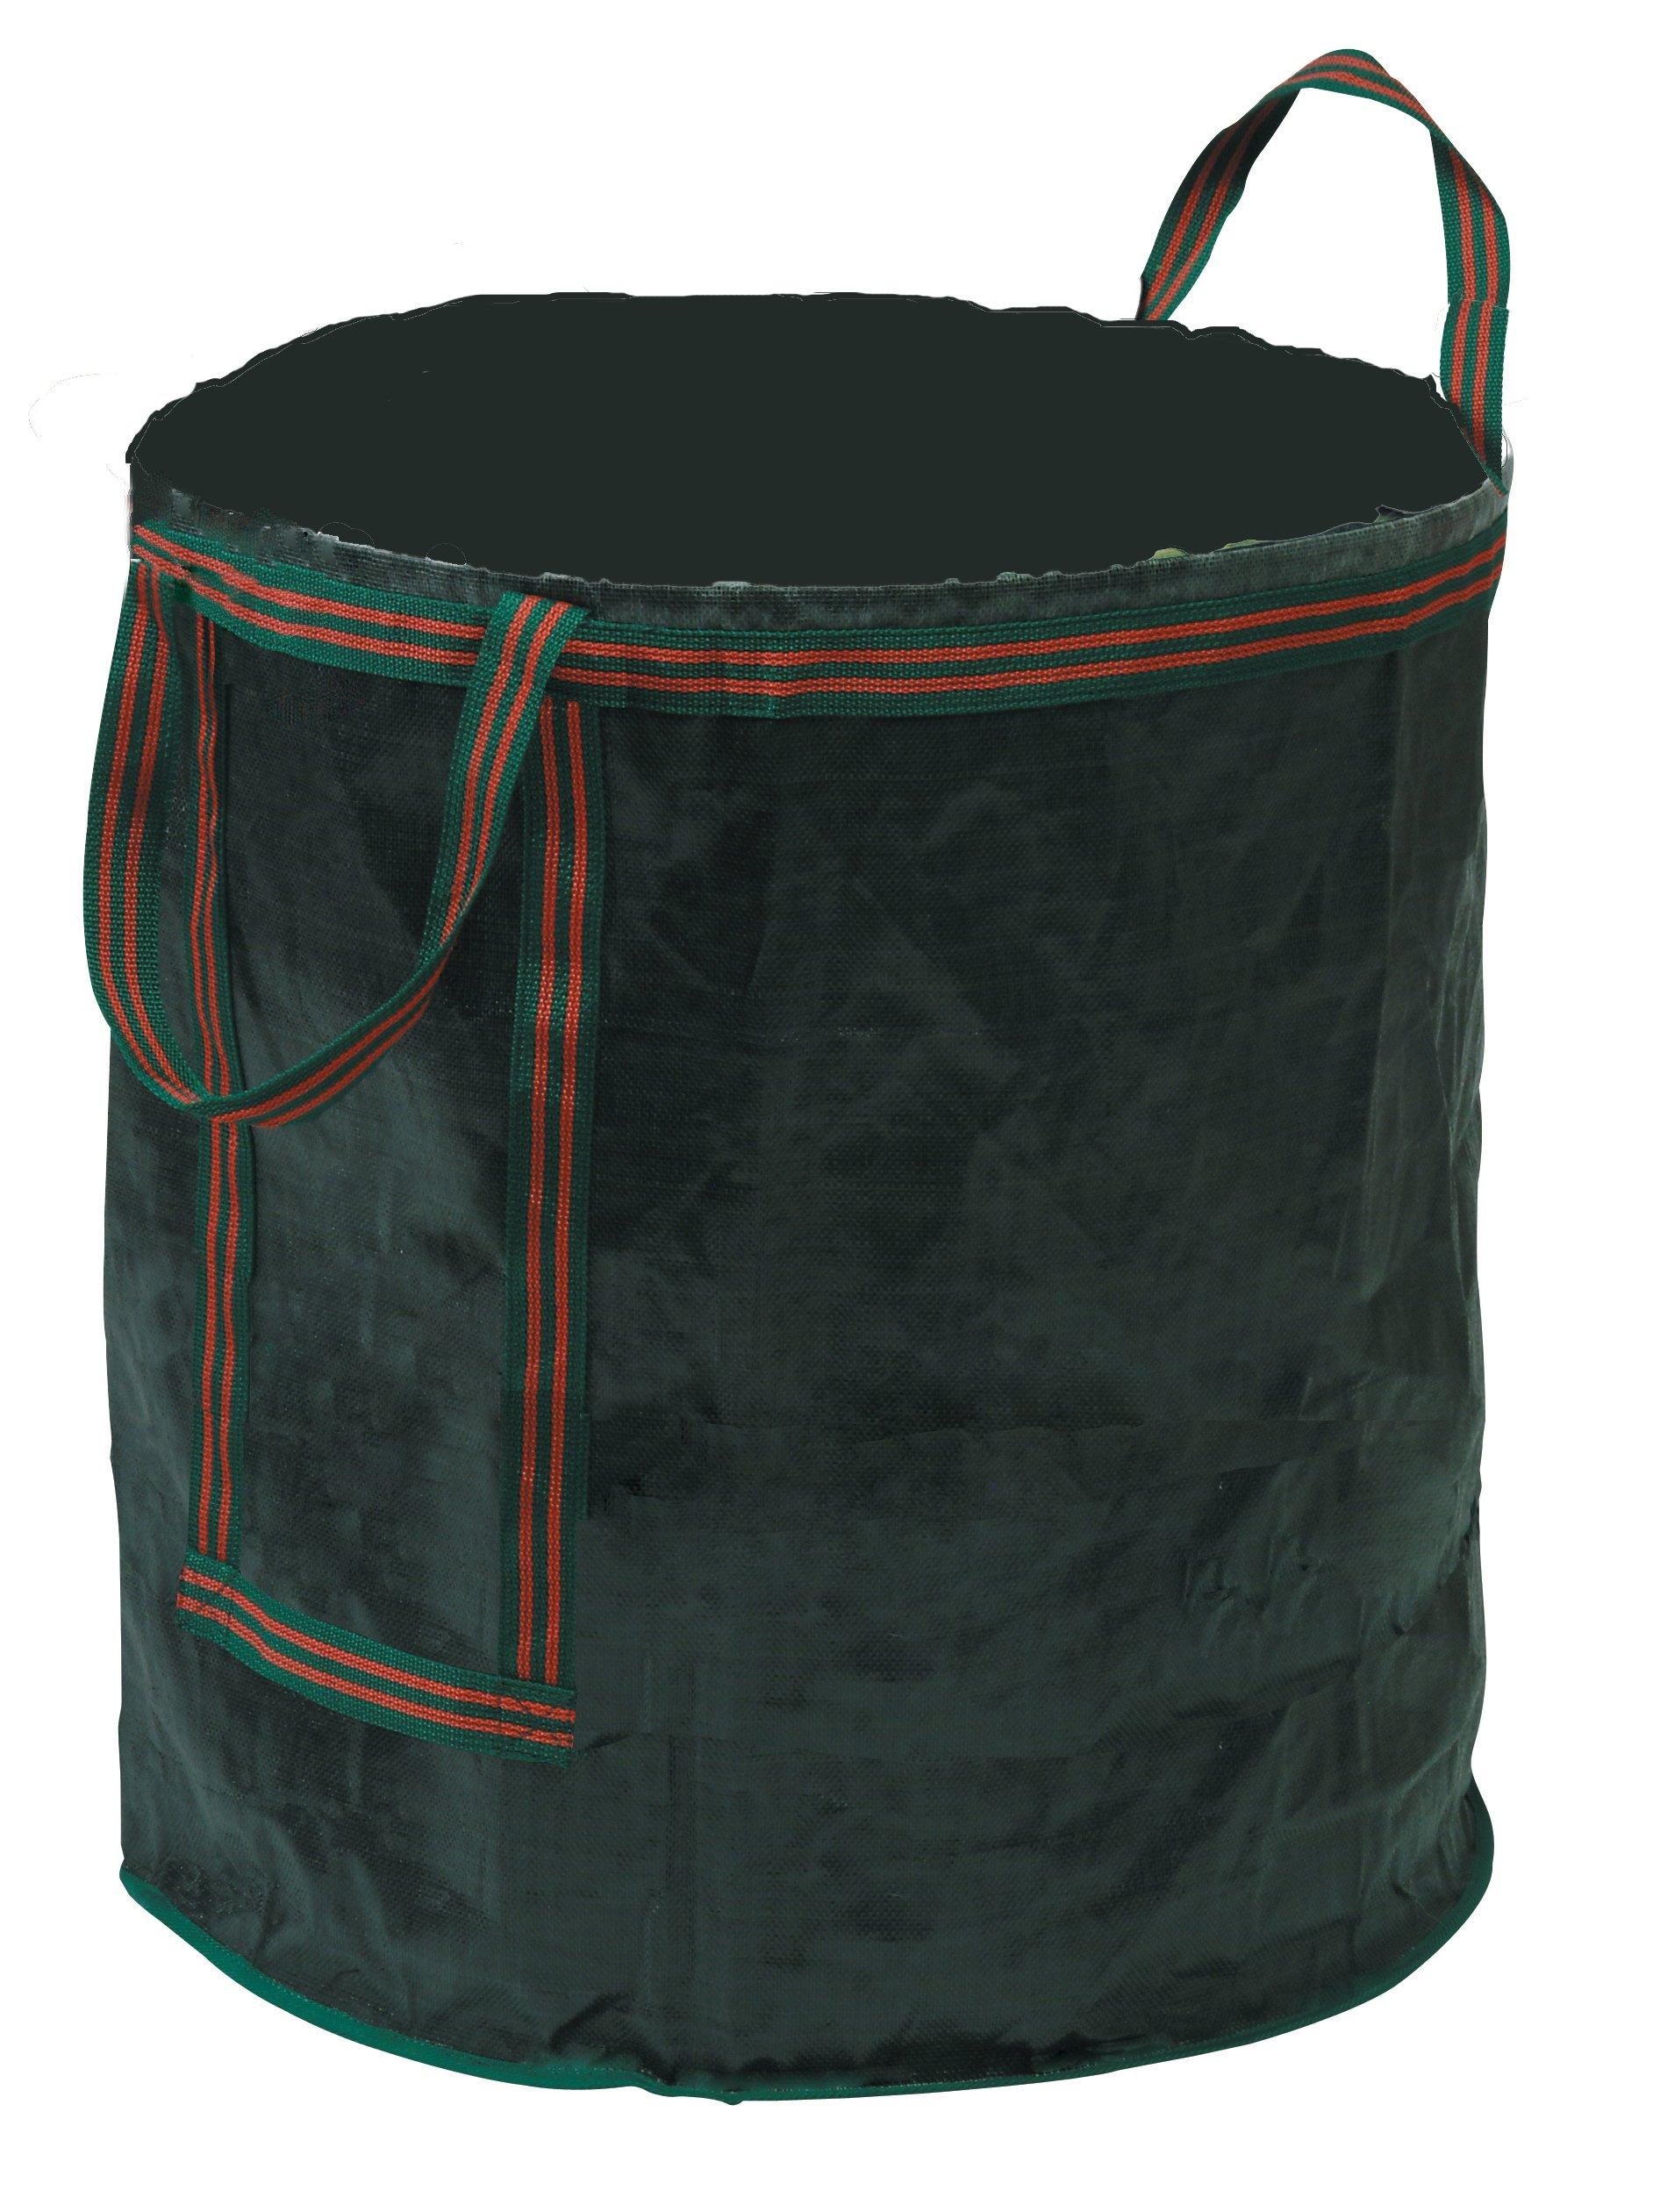 Pro Tip Bag - triple layer base (26 dia x 29 h) - black polypropylene by Bosmere